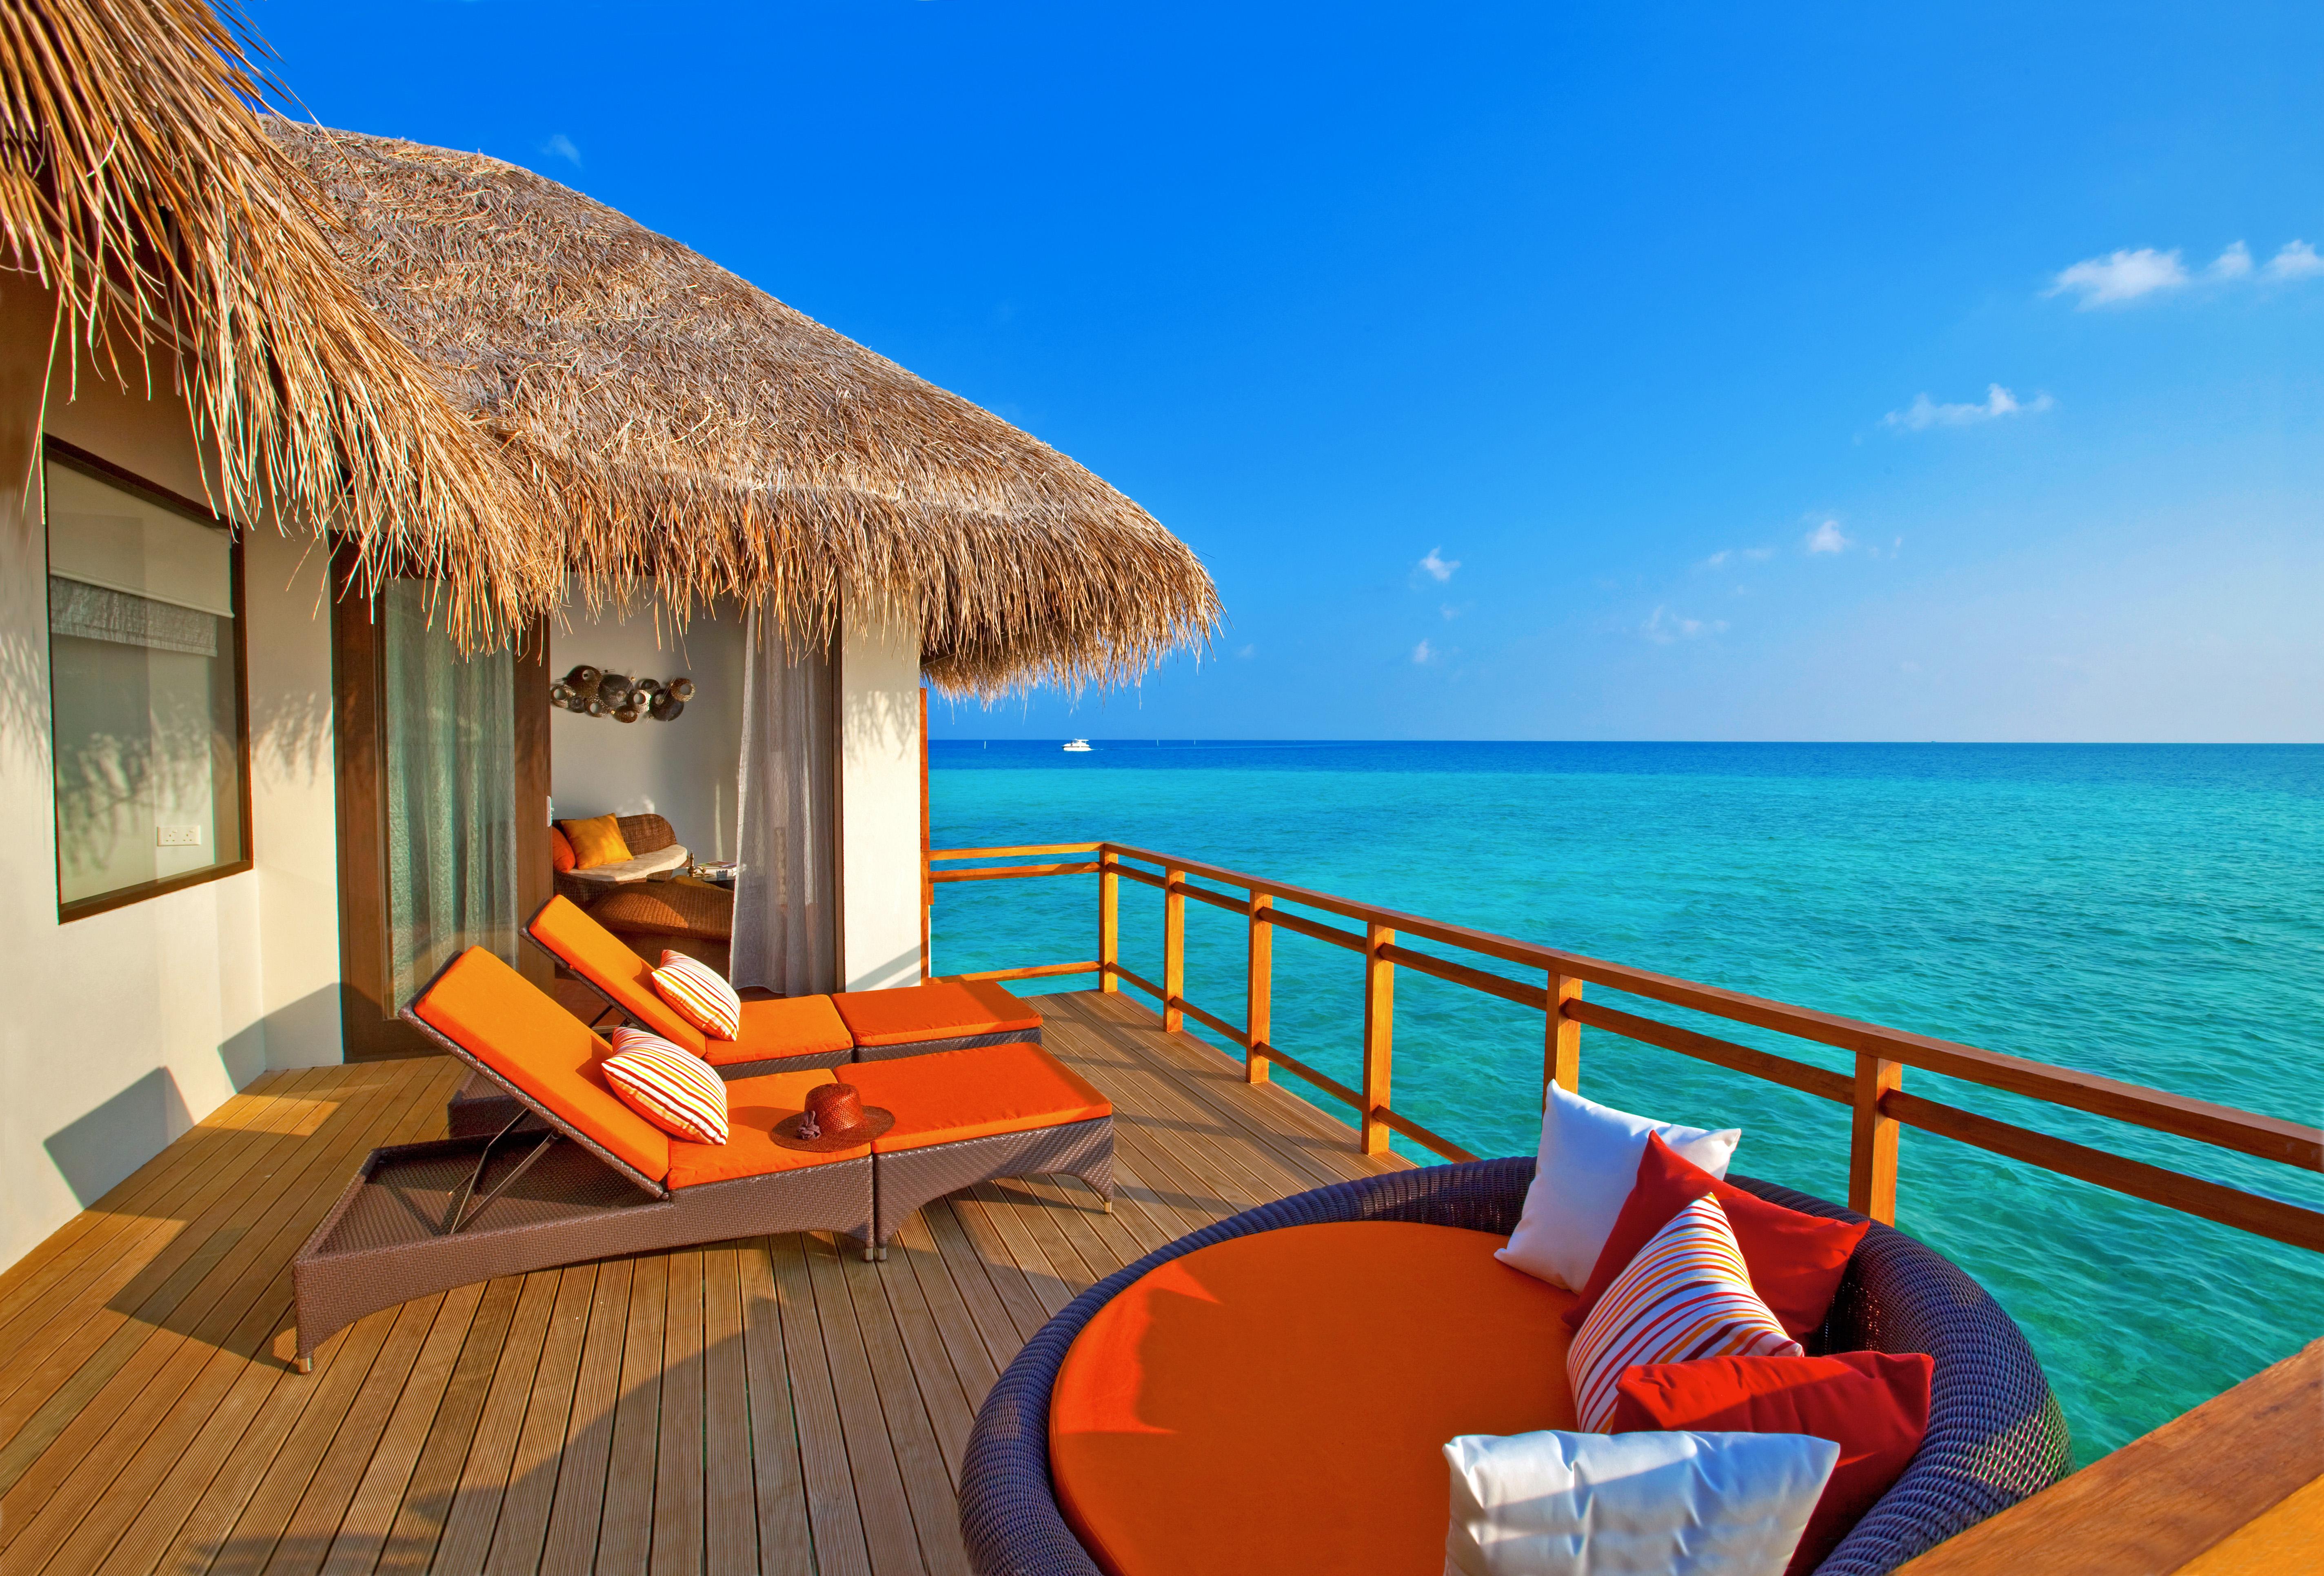 Мальдивы номера отеля отдых The Maldives the rooms the rest  № 333995  скачать